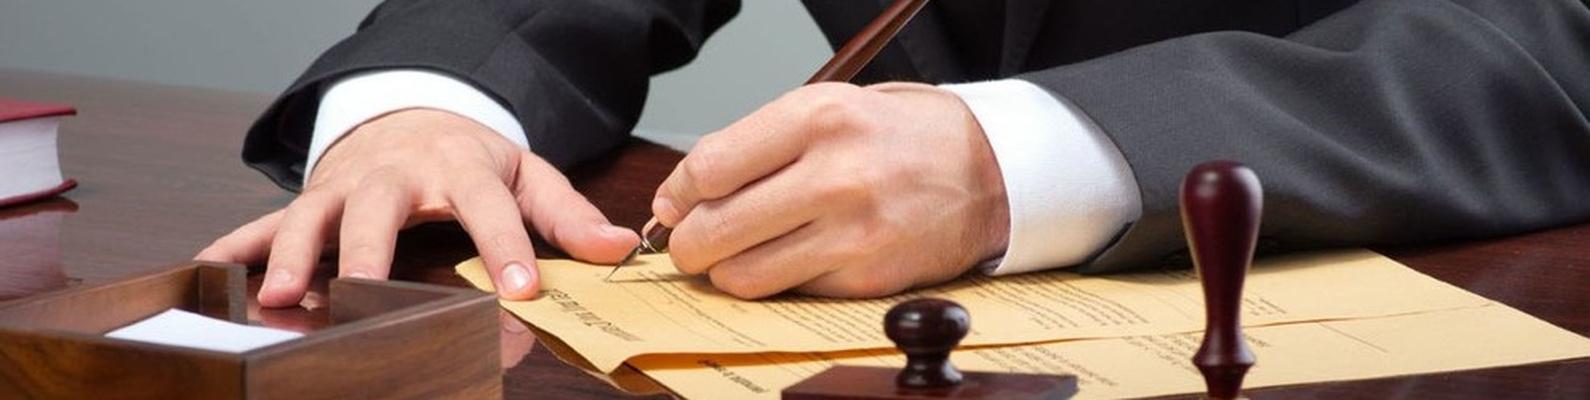 бесплатная консультация юриста в твери